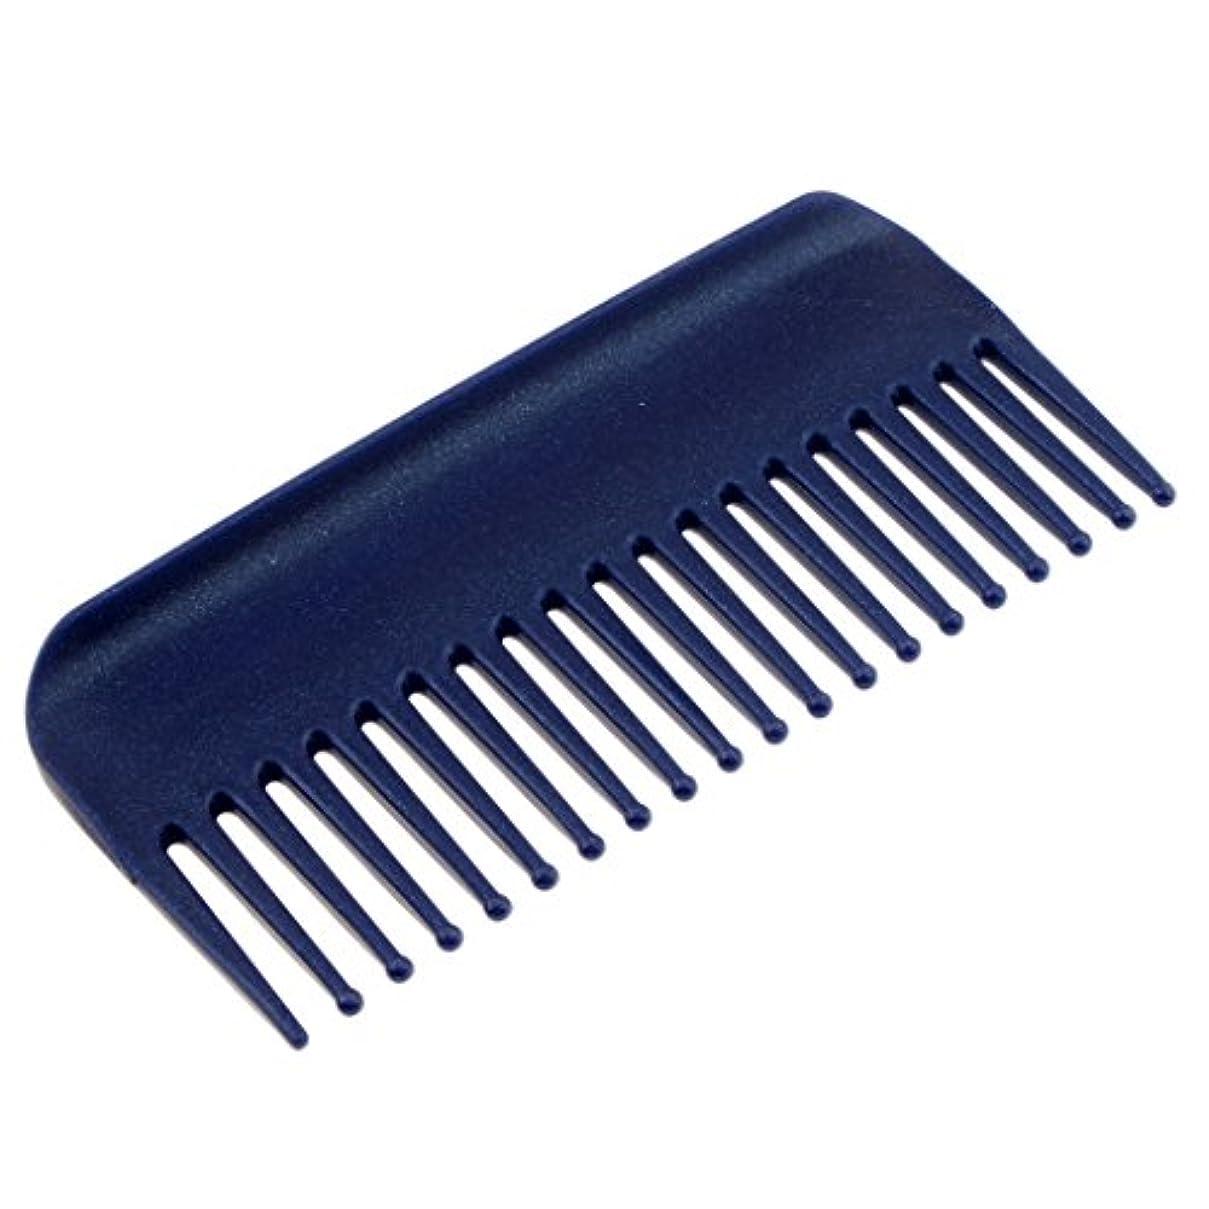 修士号無効独創的Fenteer ヘアコーム サロン ヘアケア 脱毛ヘアコーム ヘアブラシ 耐熱性 帯電防止 頭皮 マッサージ 丸いヘッド 4色選べる - 青